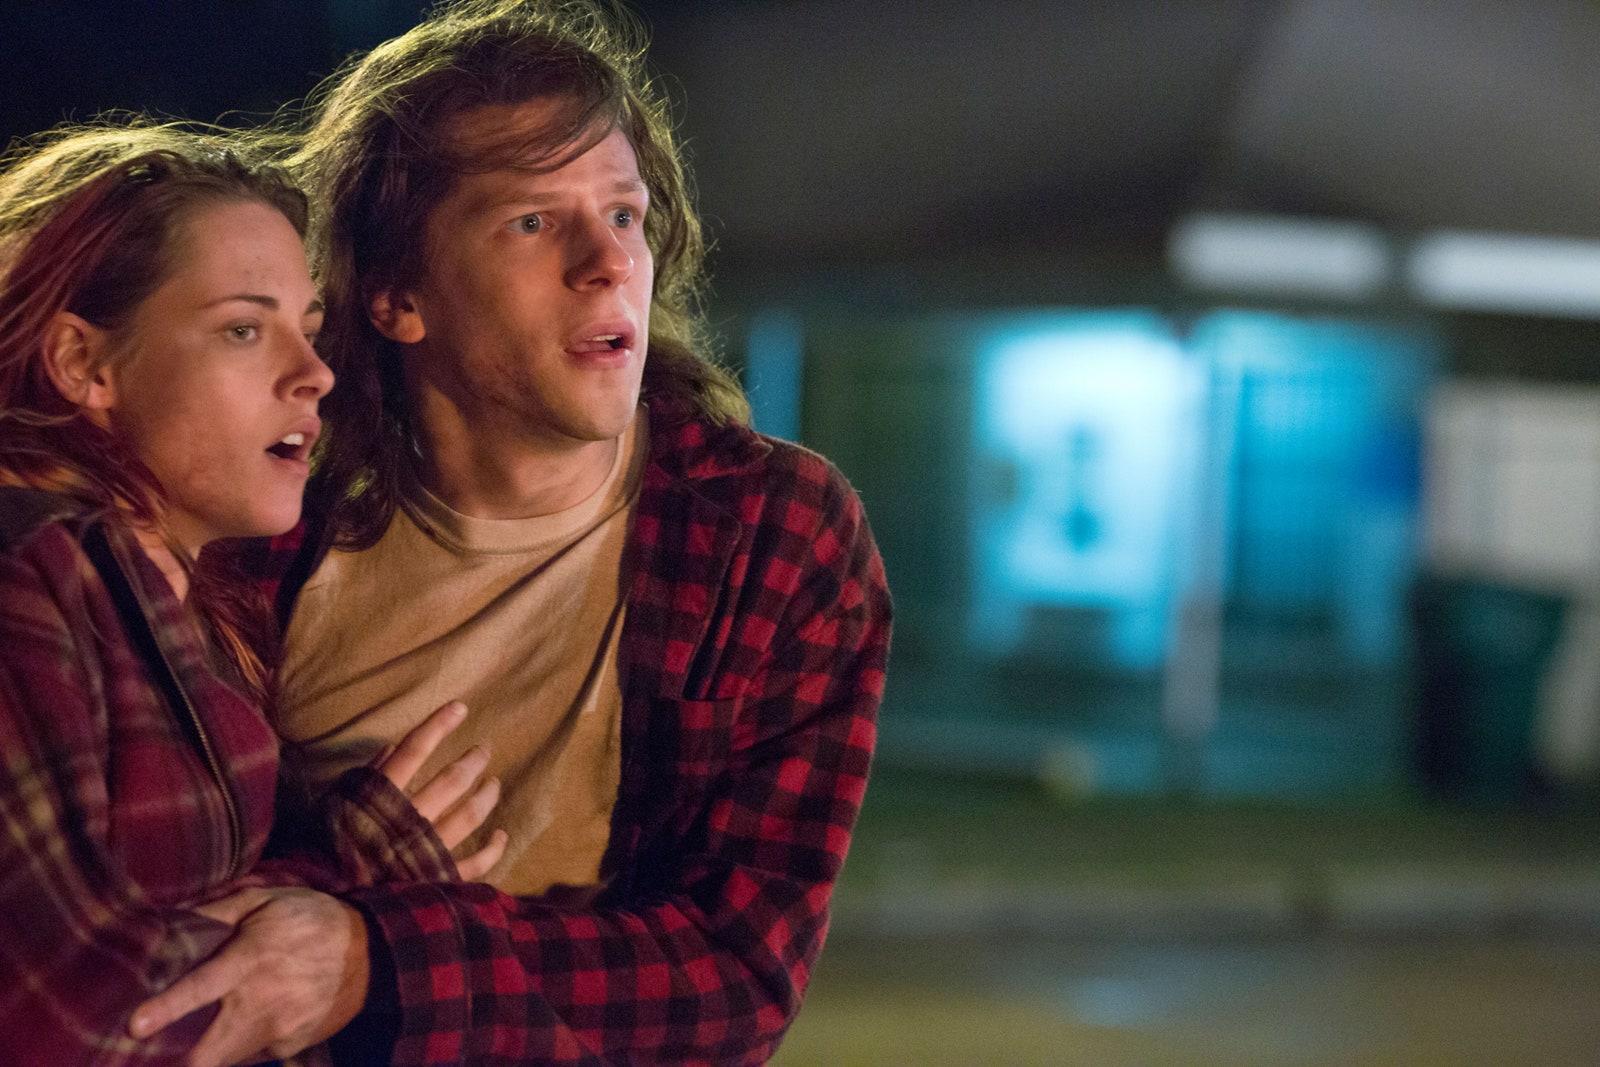 รีวิวเรื่อง American Ultra (2015)